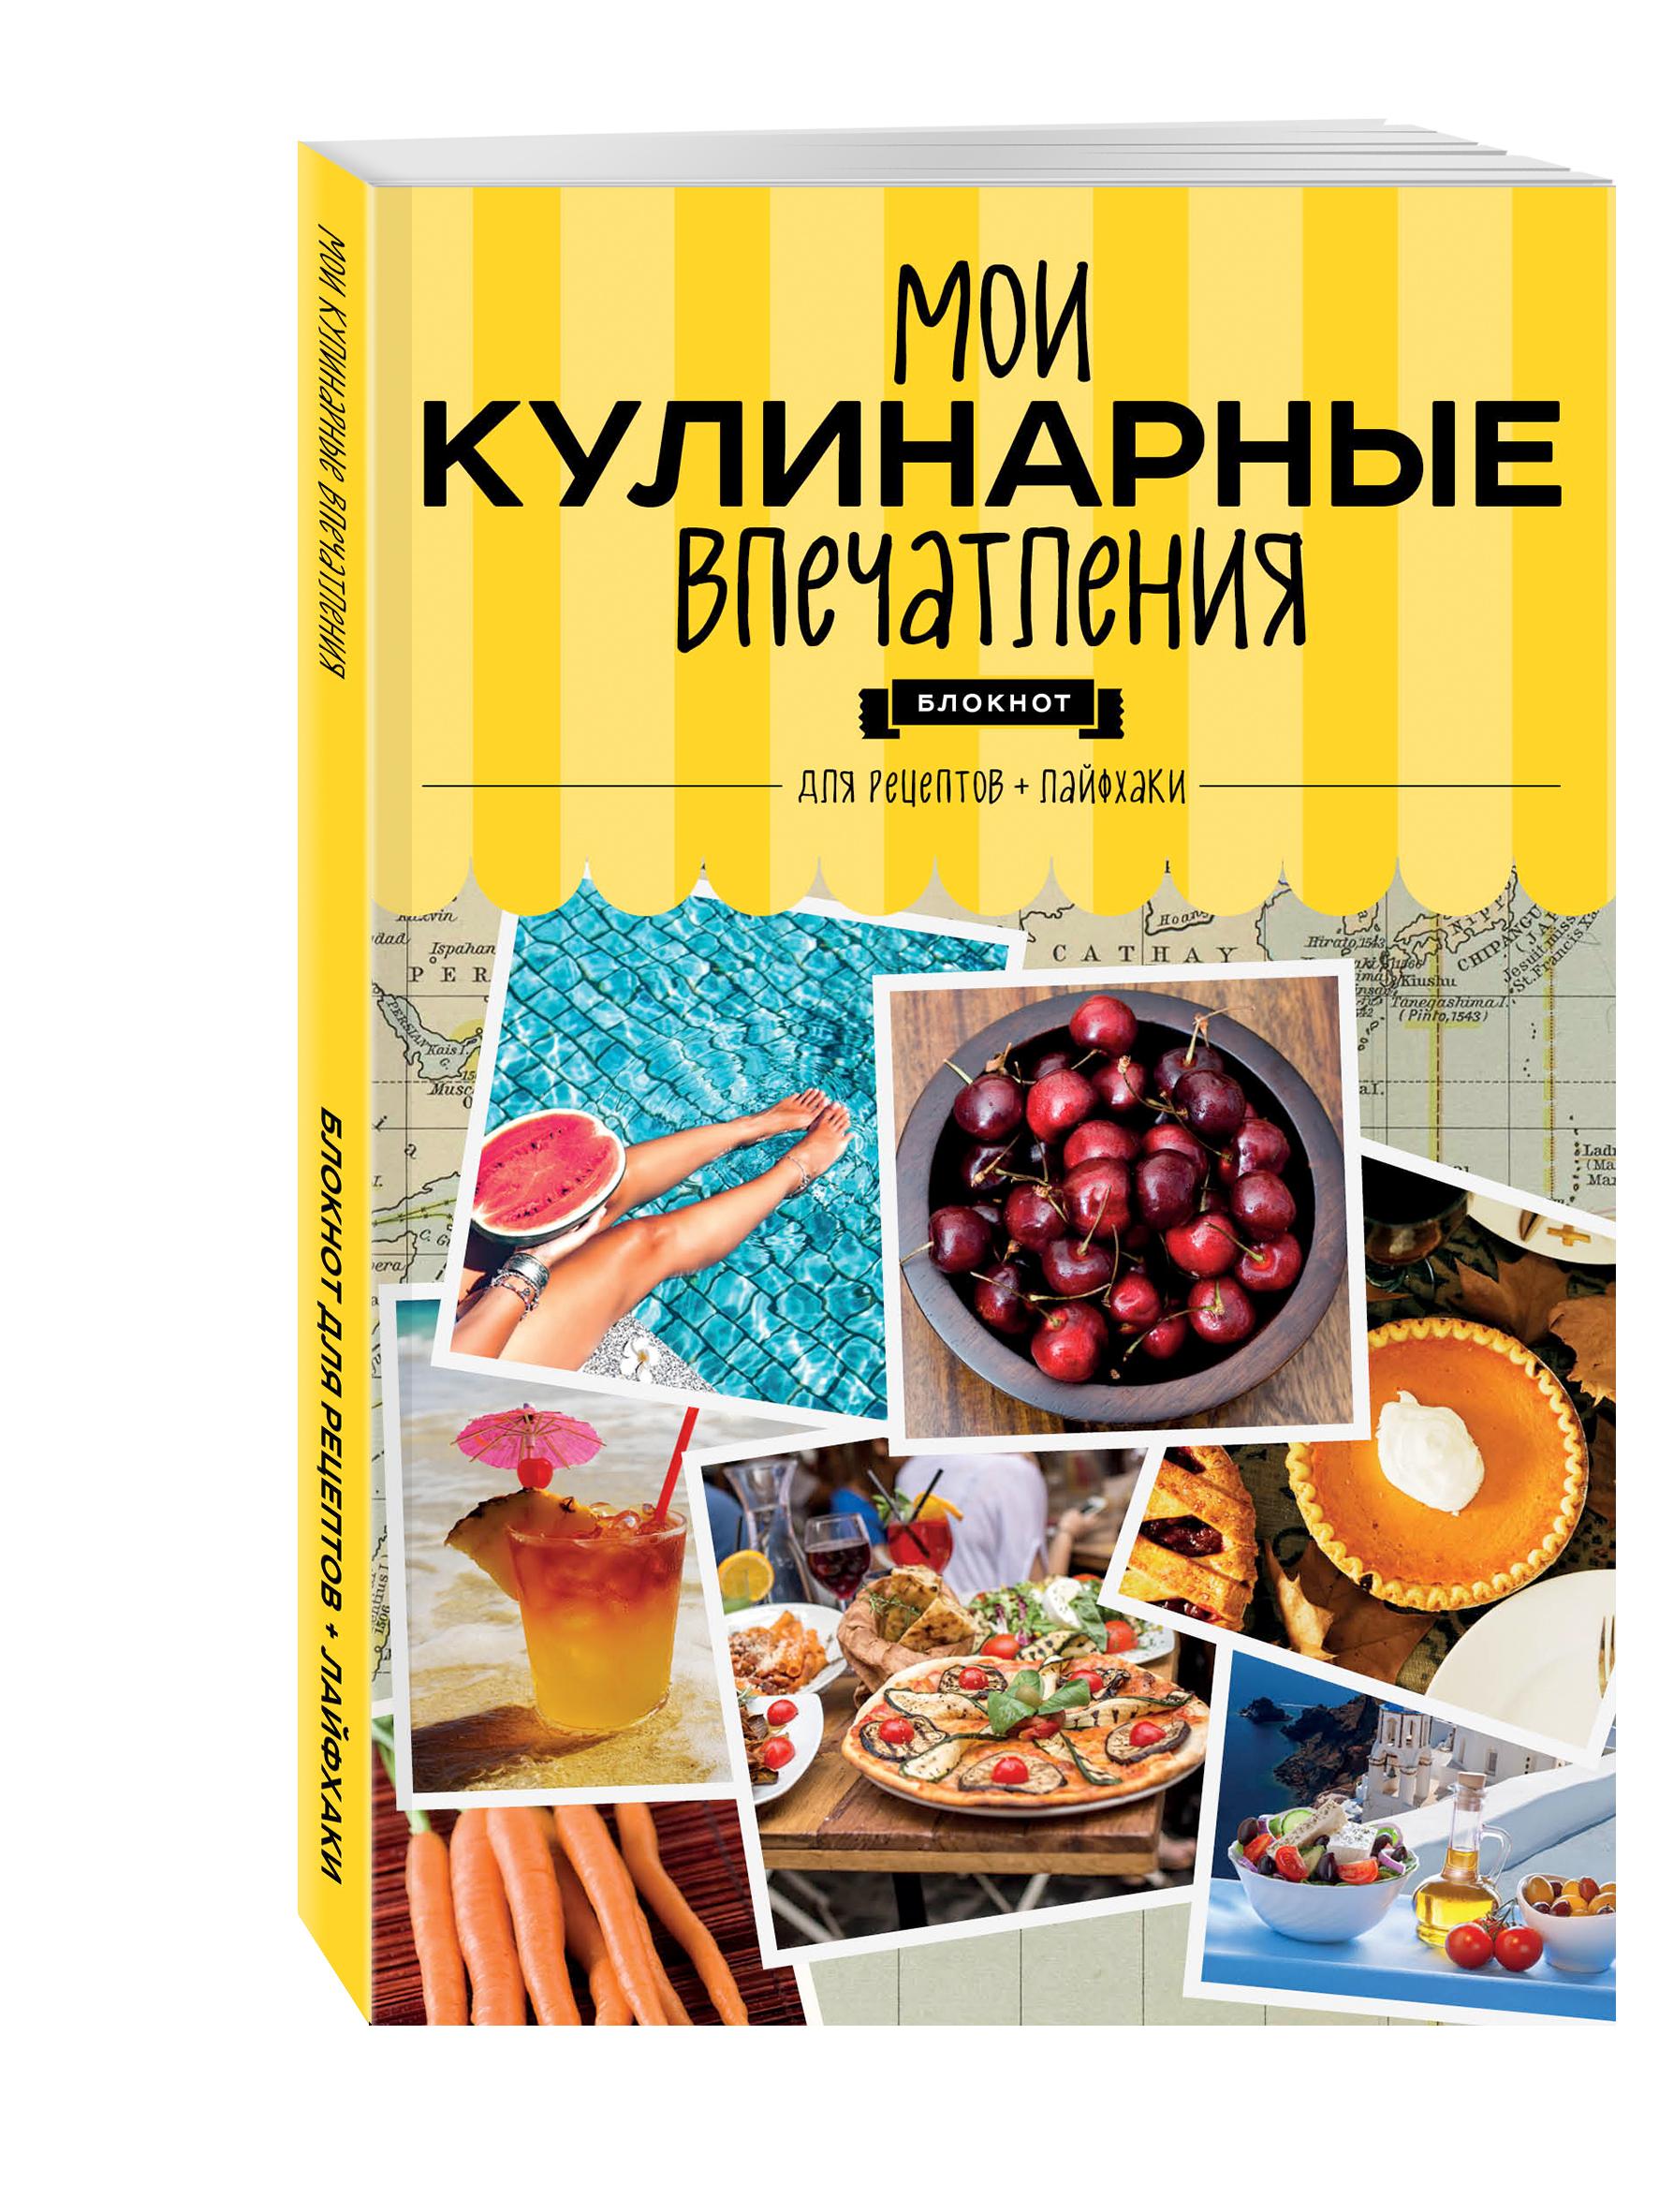 Мои кулинарные впечатления. Блокнот для записи рецептов и лайфхаков (вишня) книга рецептов